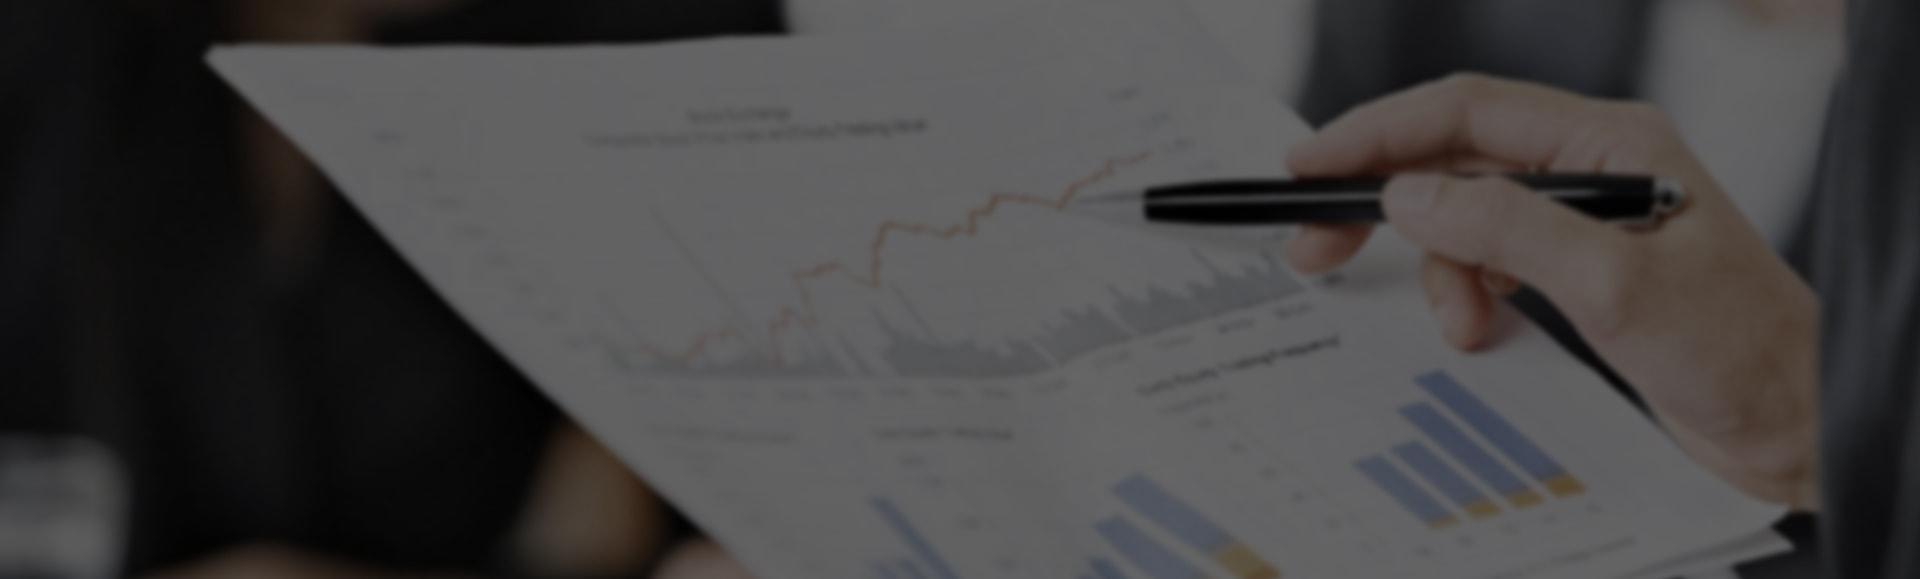 Скорость сайта проверить онлайн